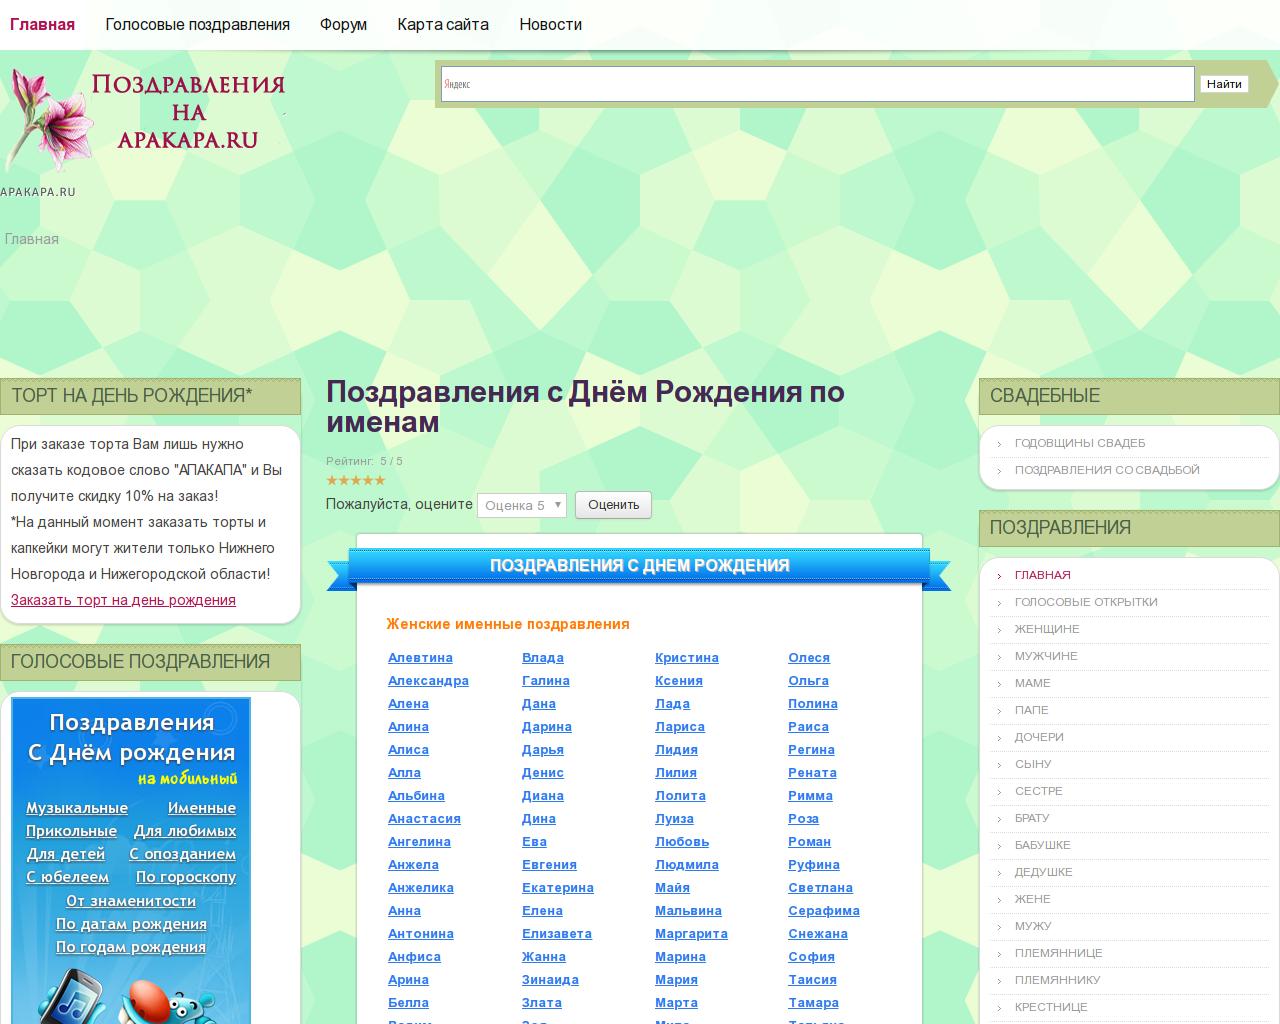 «открытки с днем рождения» коллекция. - Яндекс 61